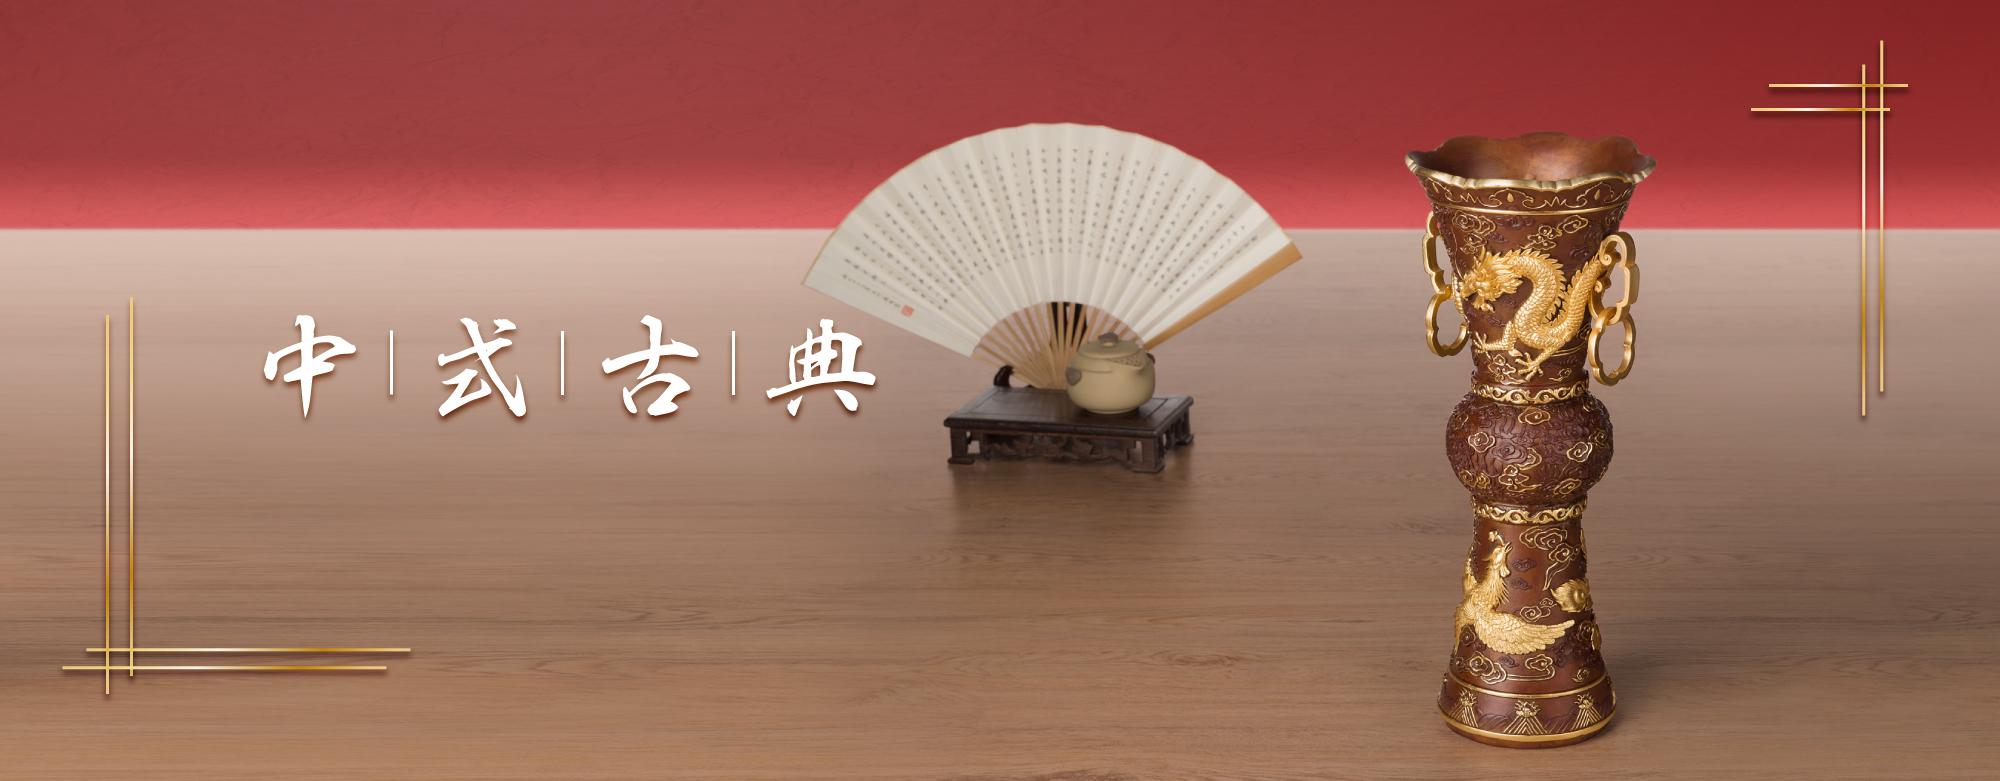 銅作中式古典系列